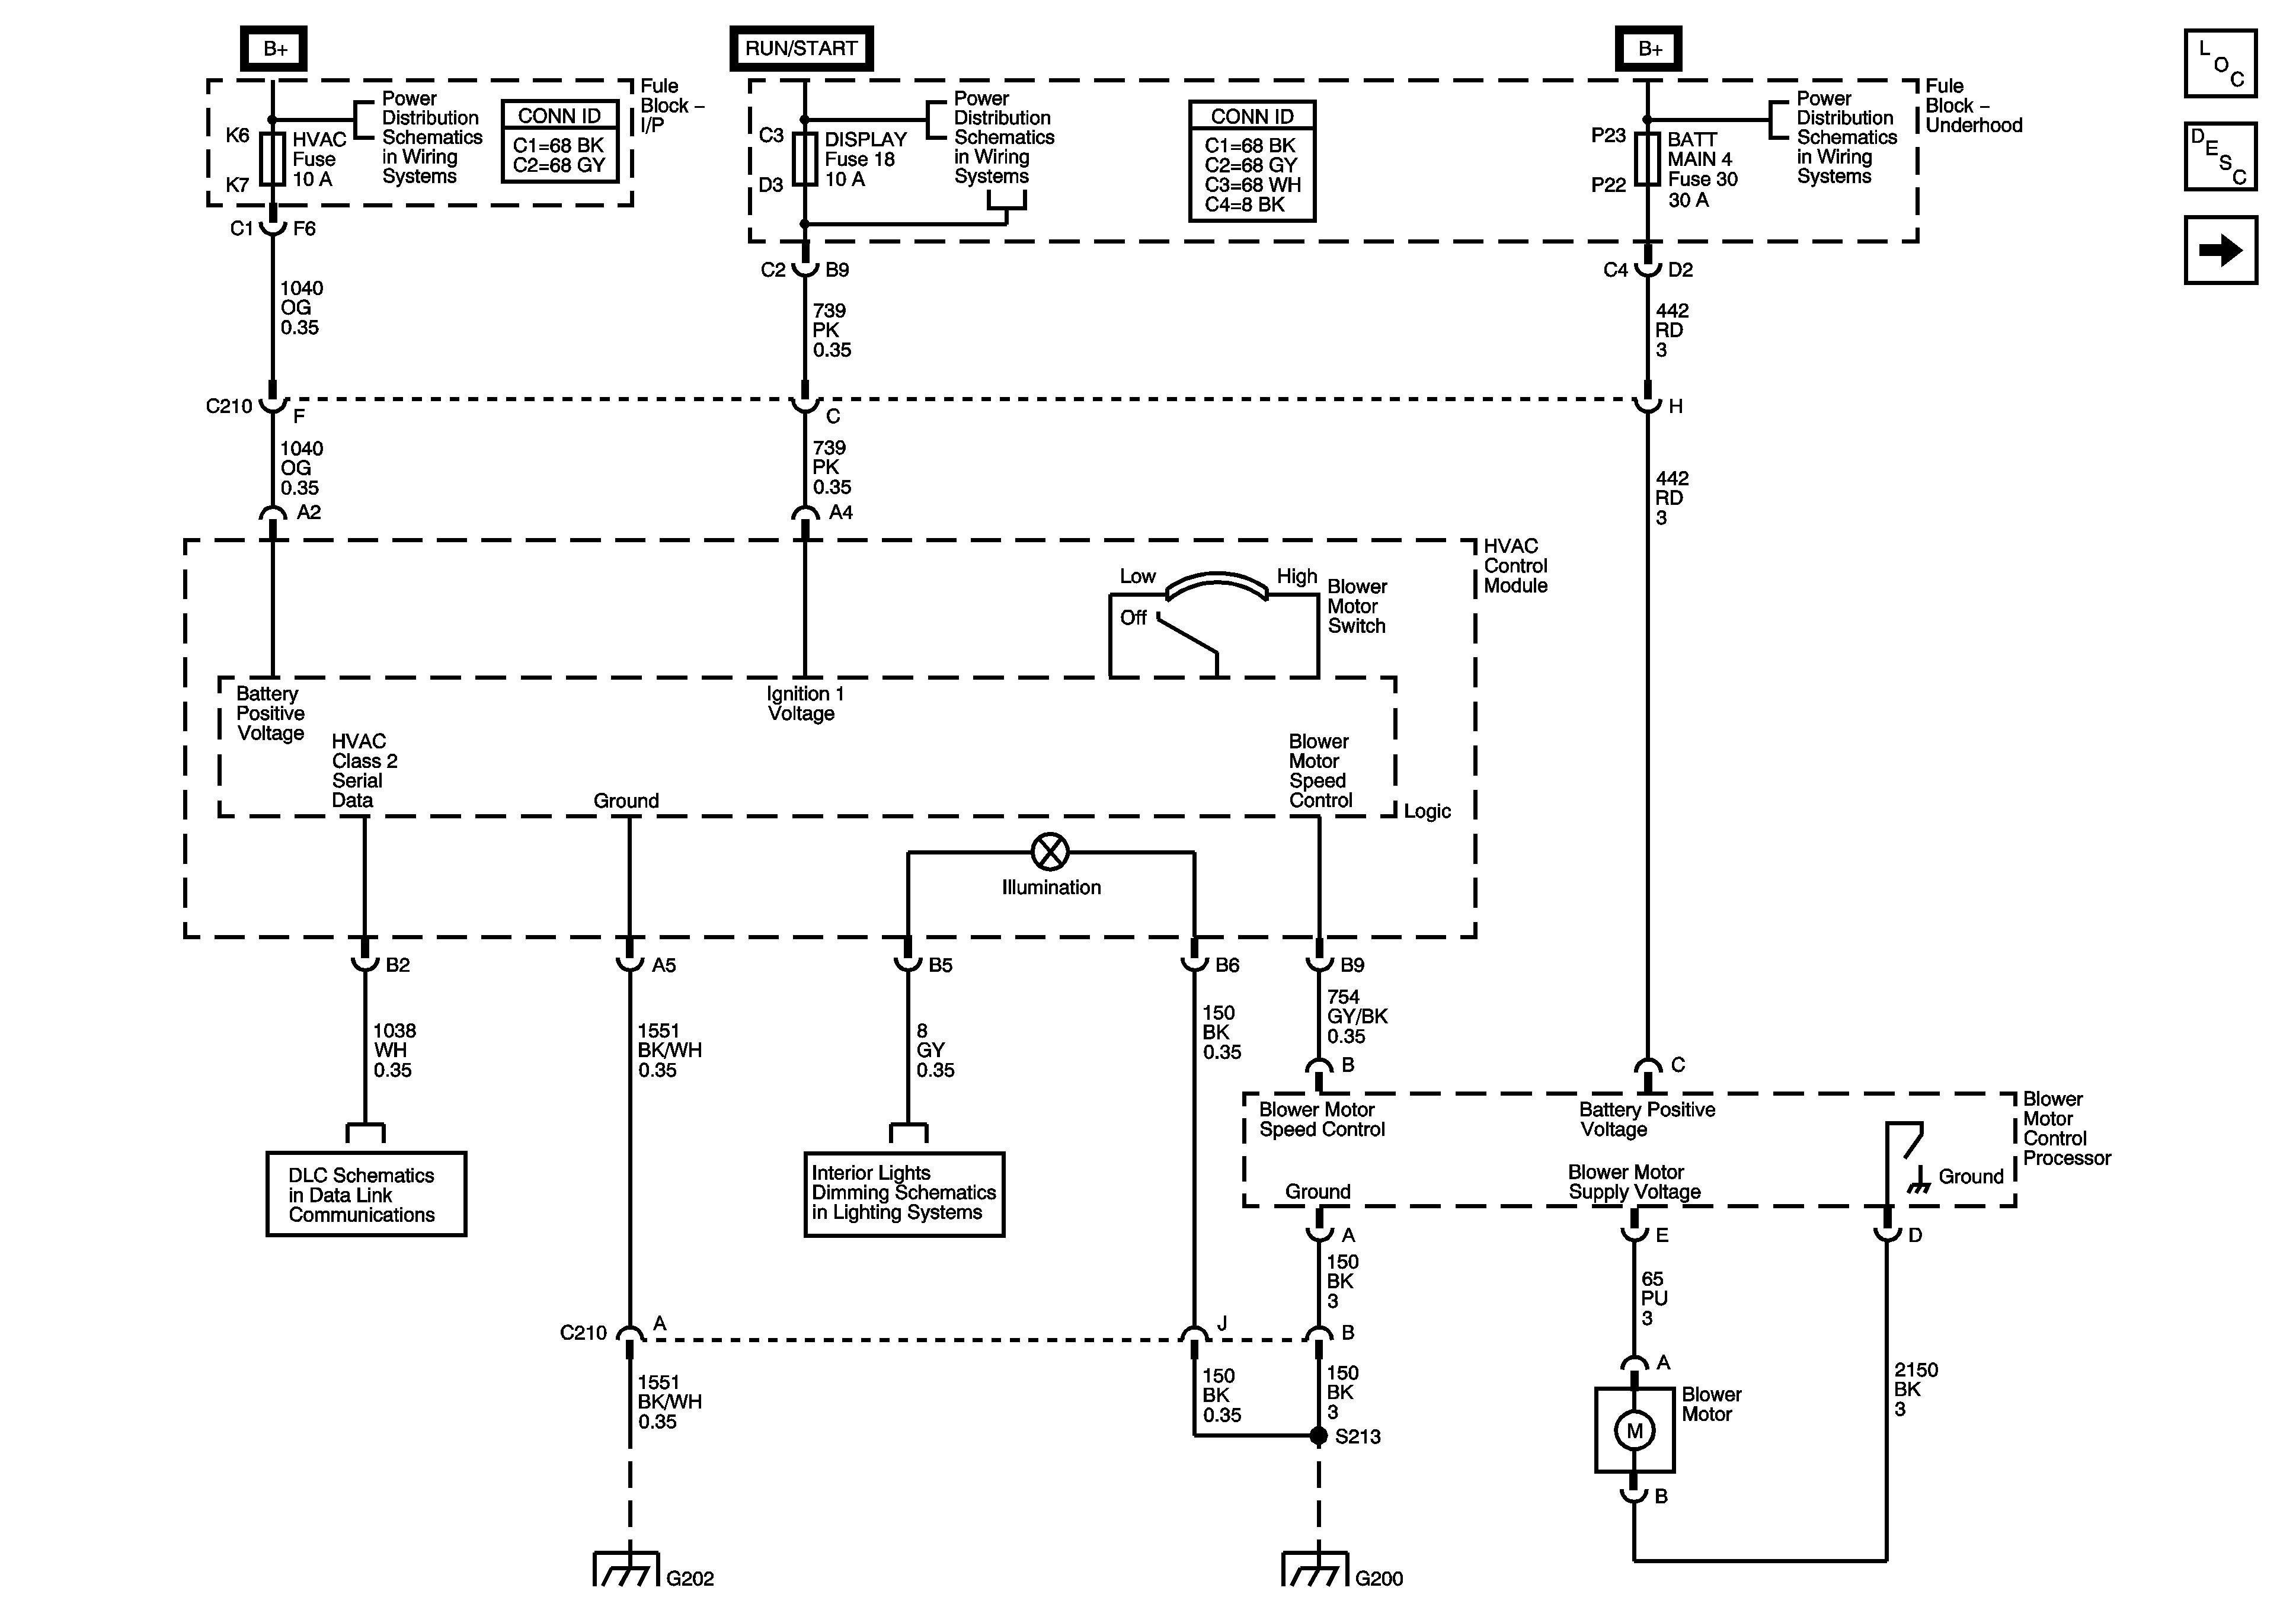 2004 pontiac grand prix gtp engine diagram my wiring diagram rh detoxicrecenze com 2005 Grand Prix GT AC Diagram Diagram for 1999 Pontiac Grand Prix Motor